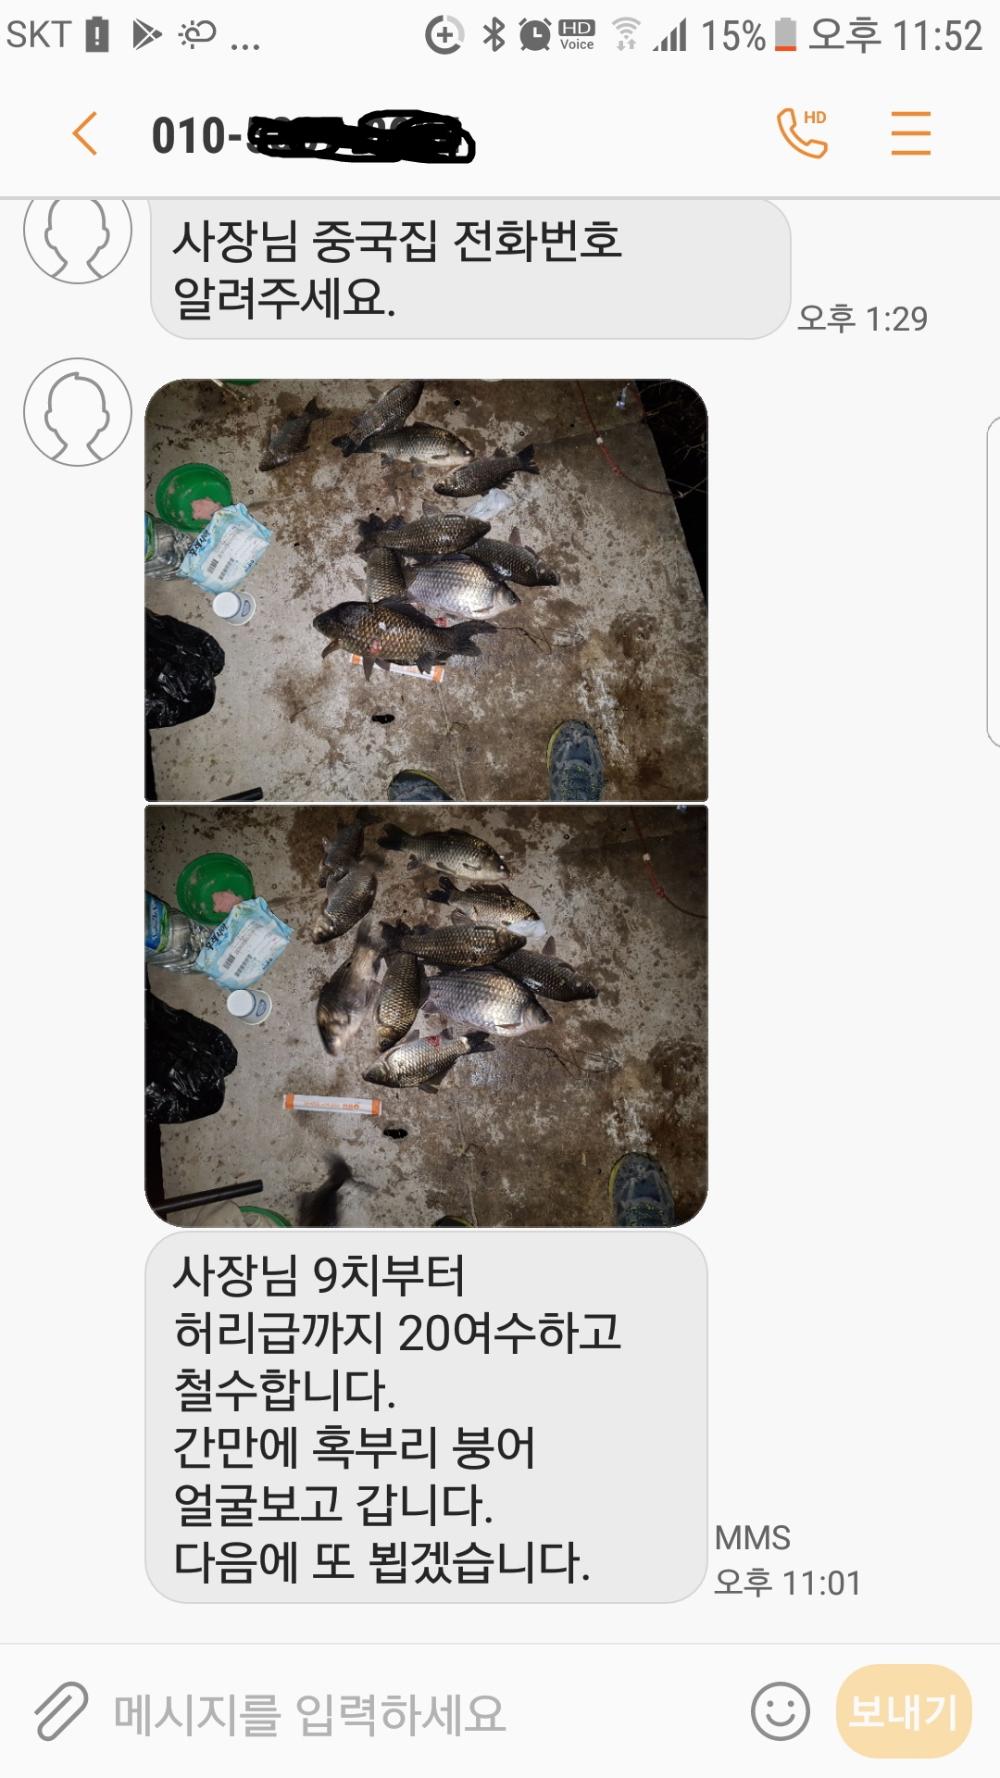 꾸미기_Screenshot_20180511-2352141.jpg